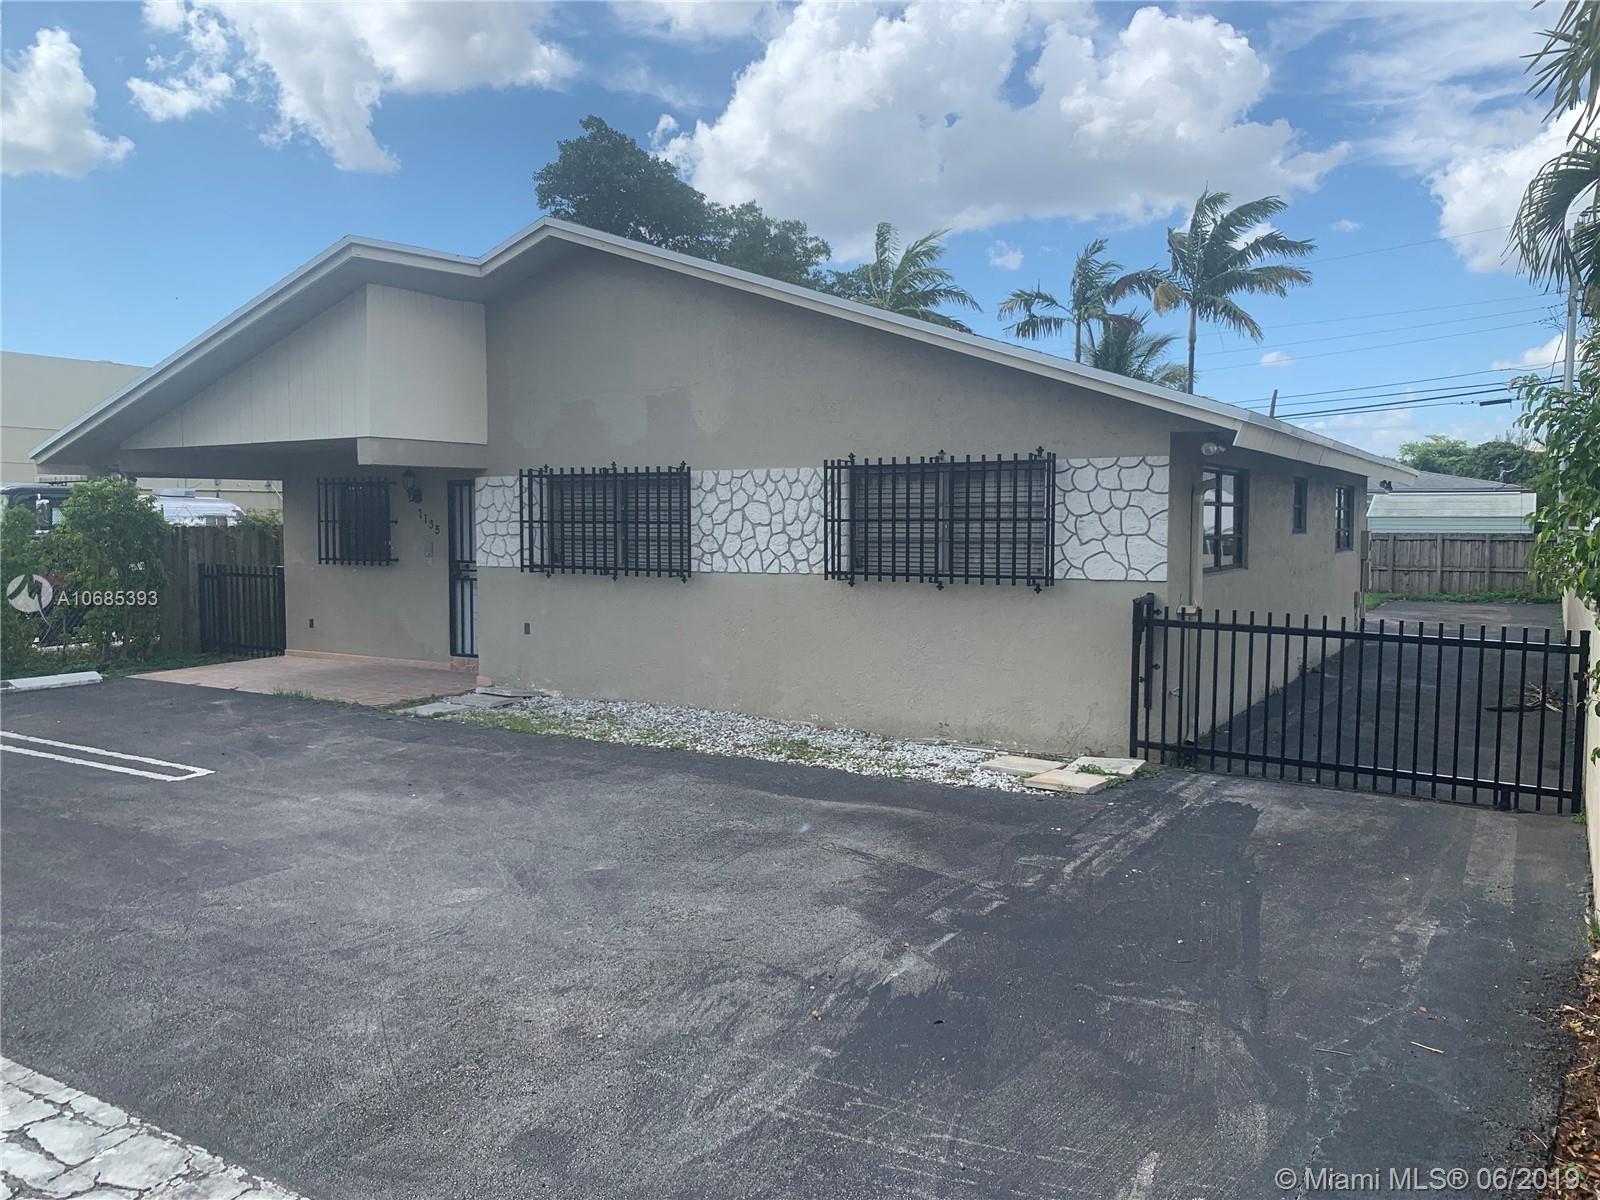 7135 SW 44 St, Miami, FL 33155